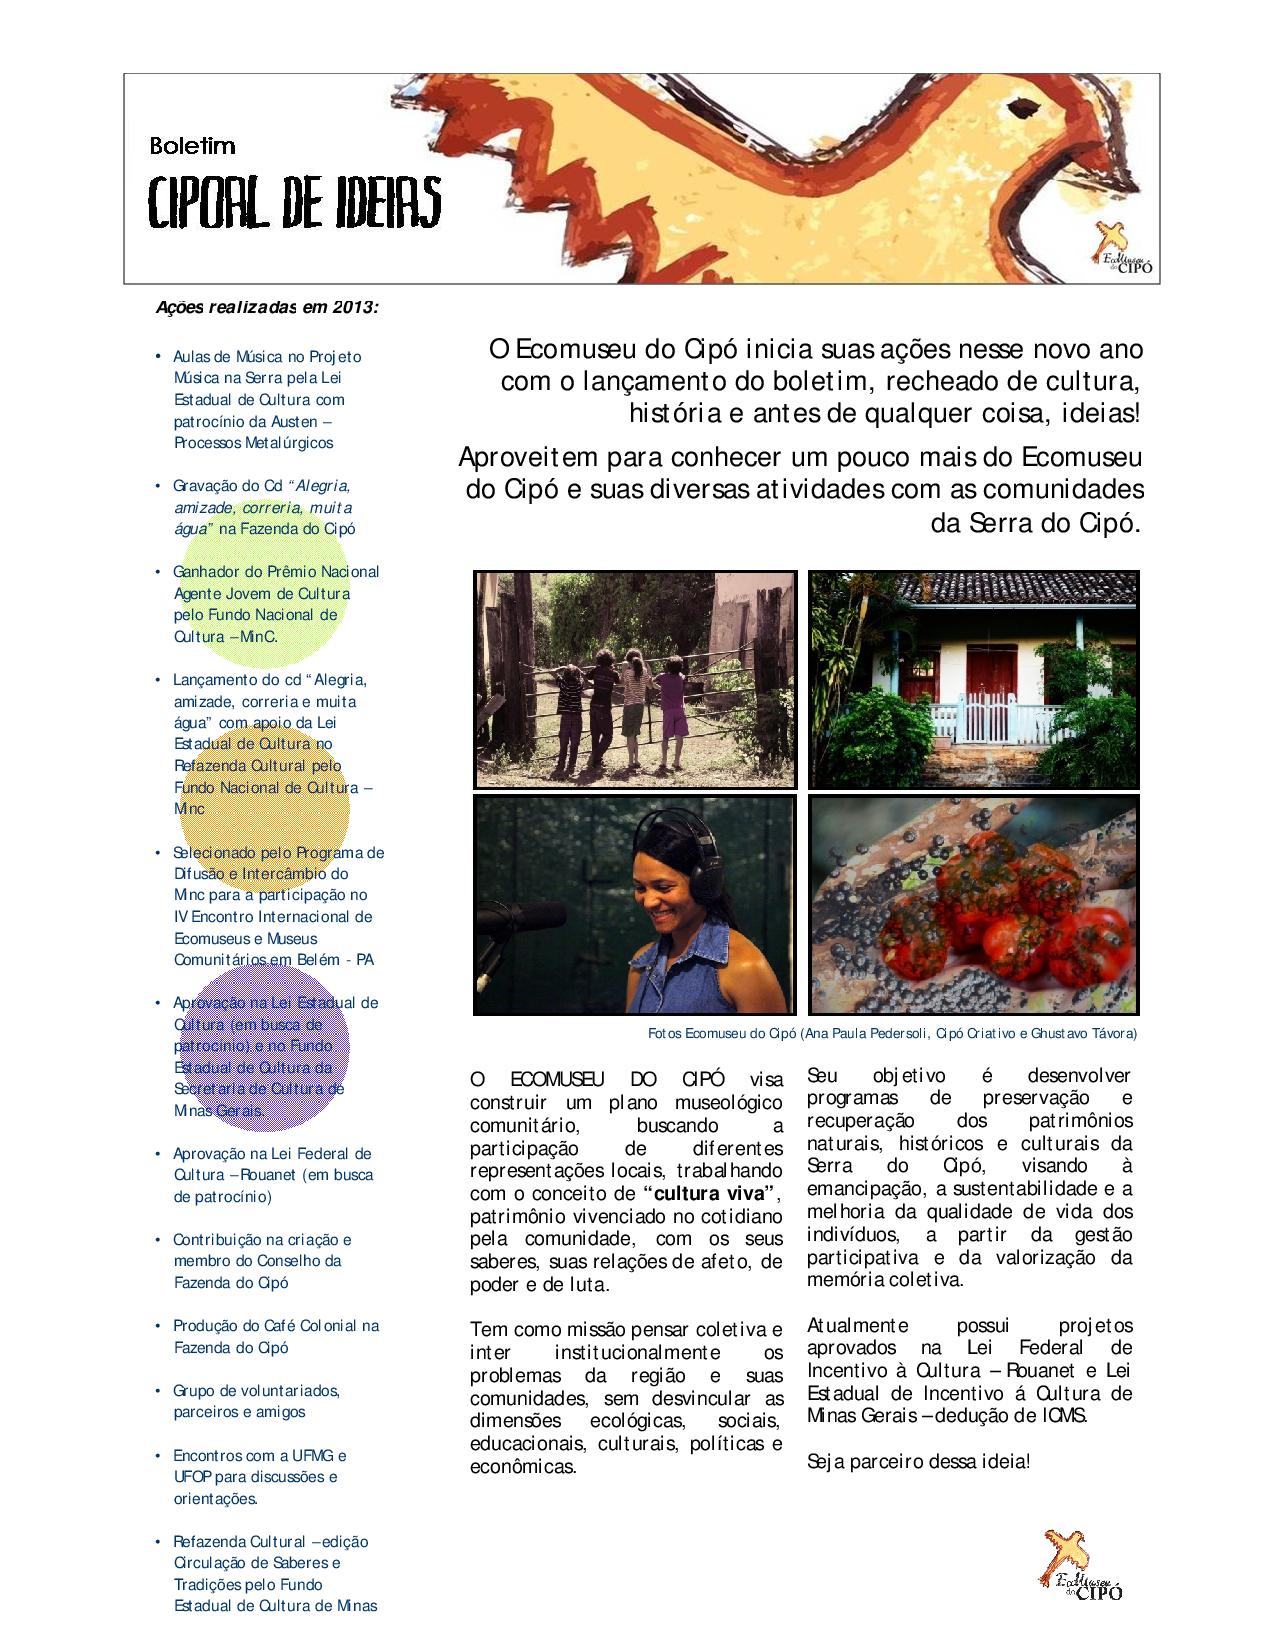 Boletim Cipoal de Ideias - Ecomuseu do Cipó-page-001